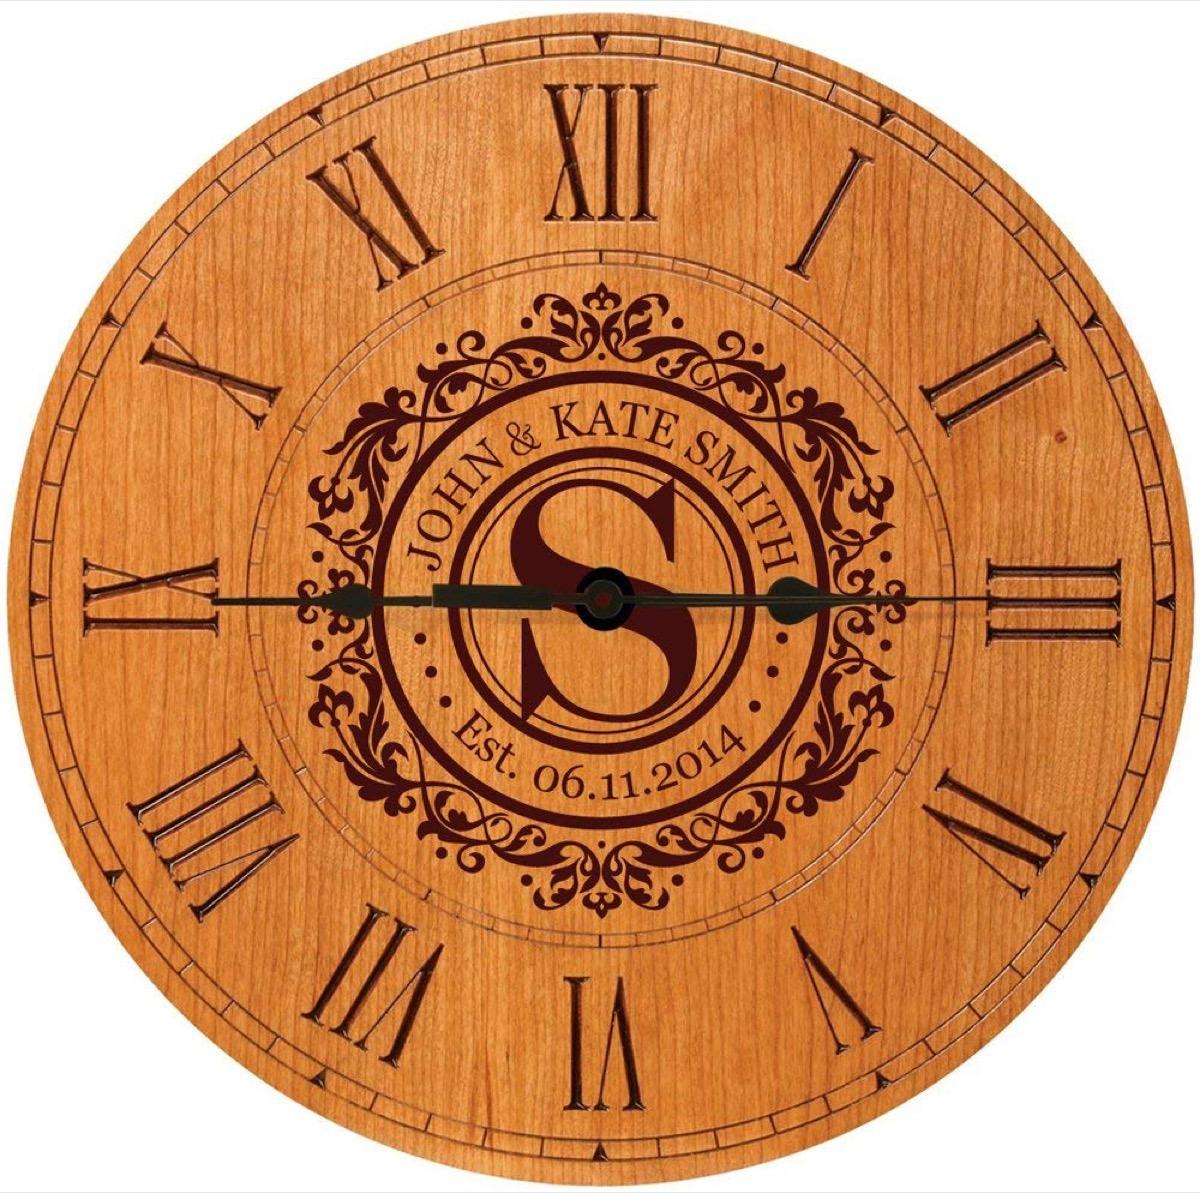 Customized clock anniversary gift